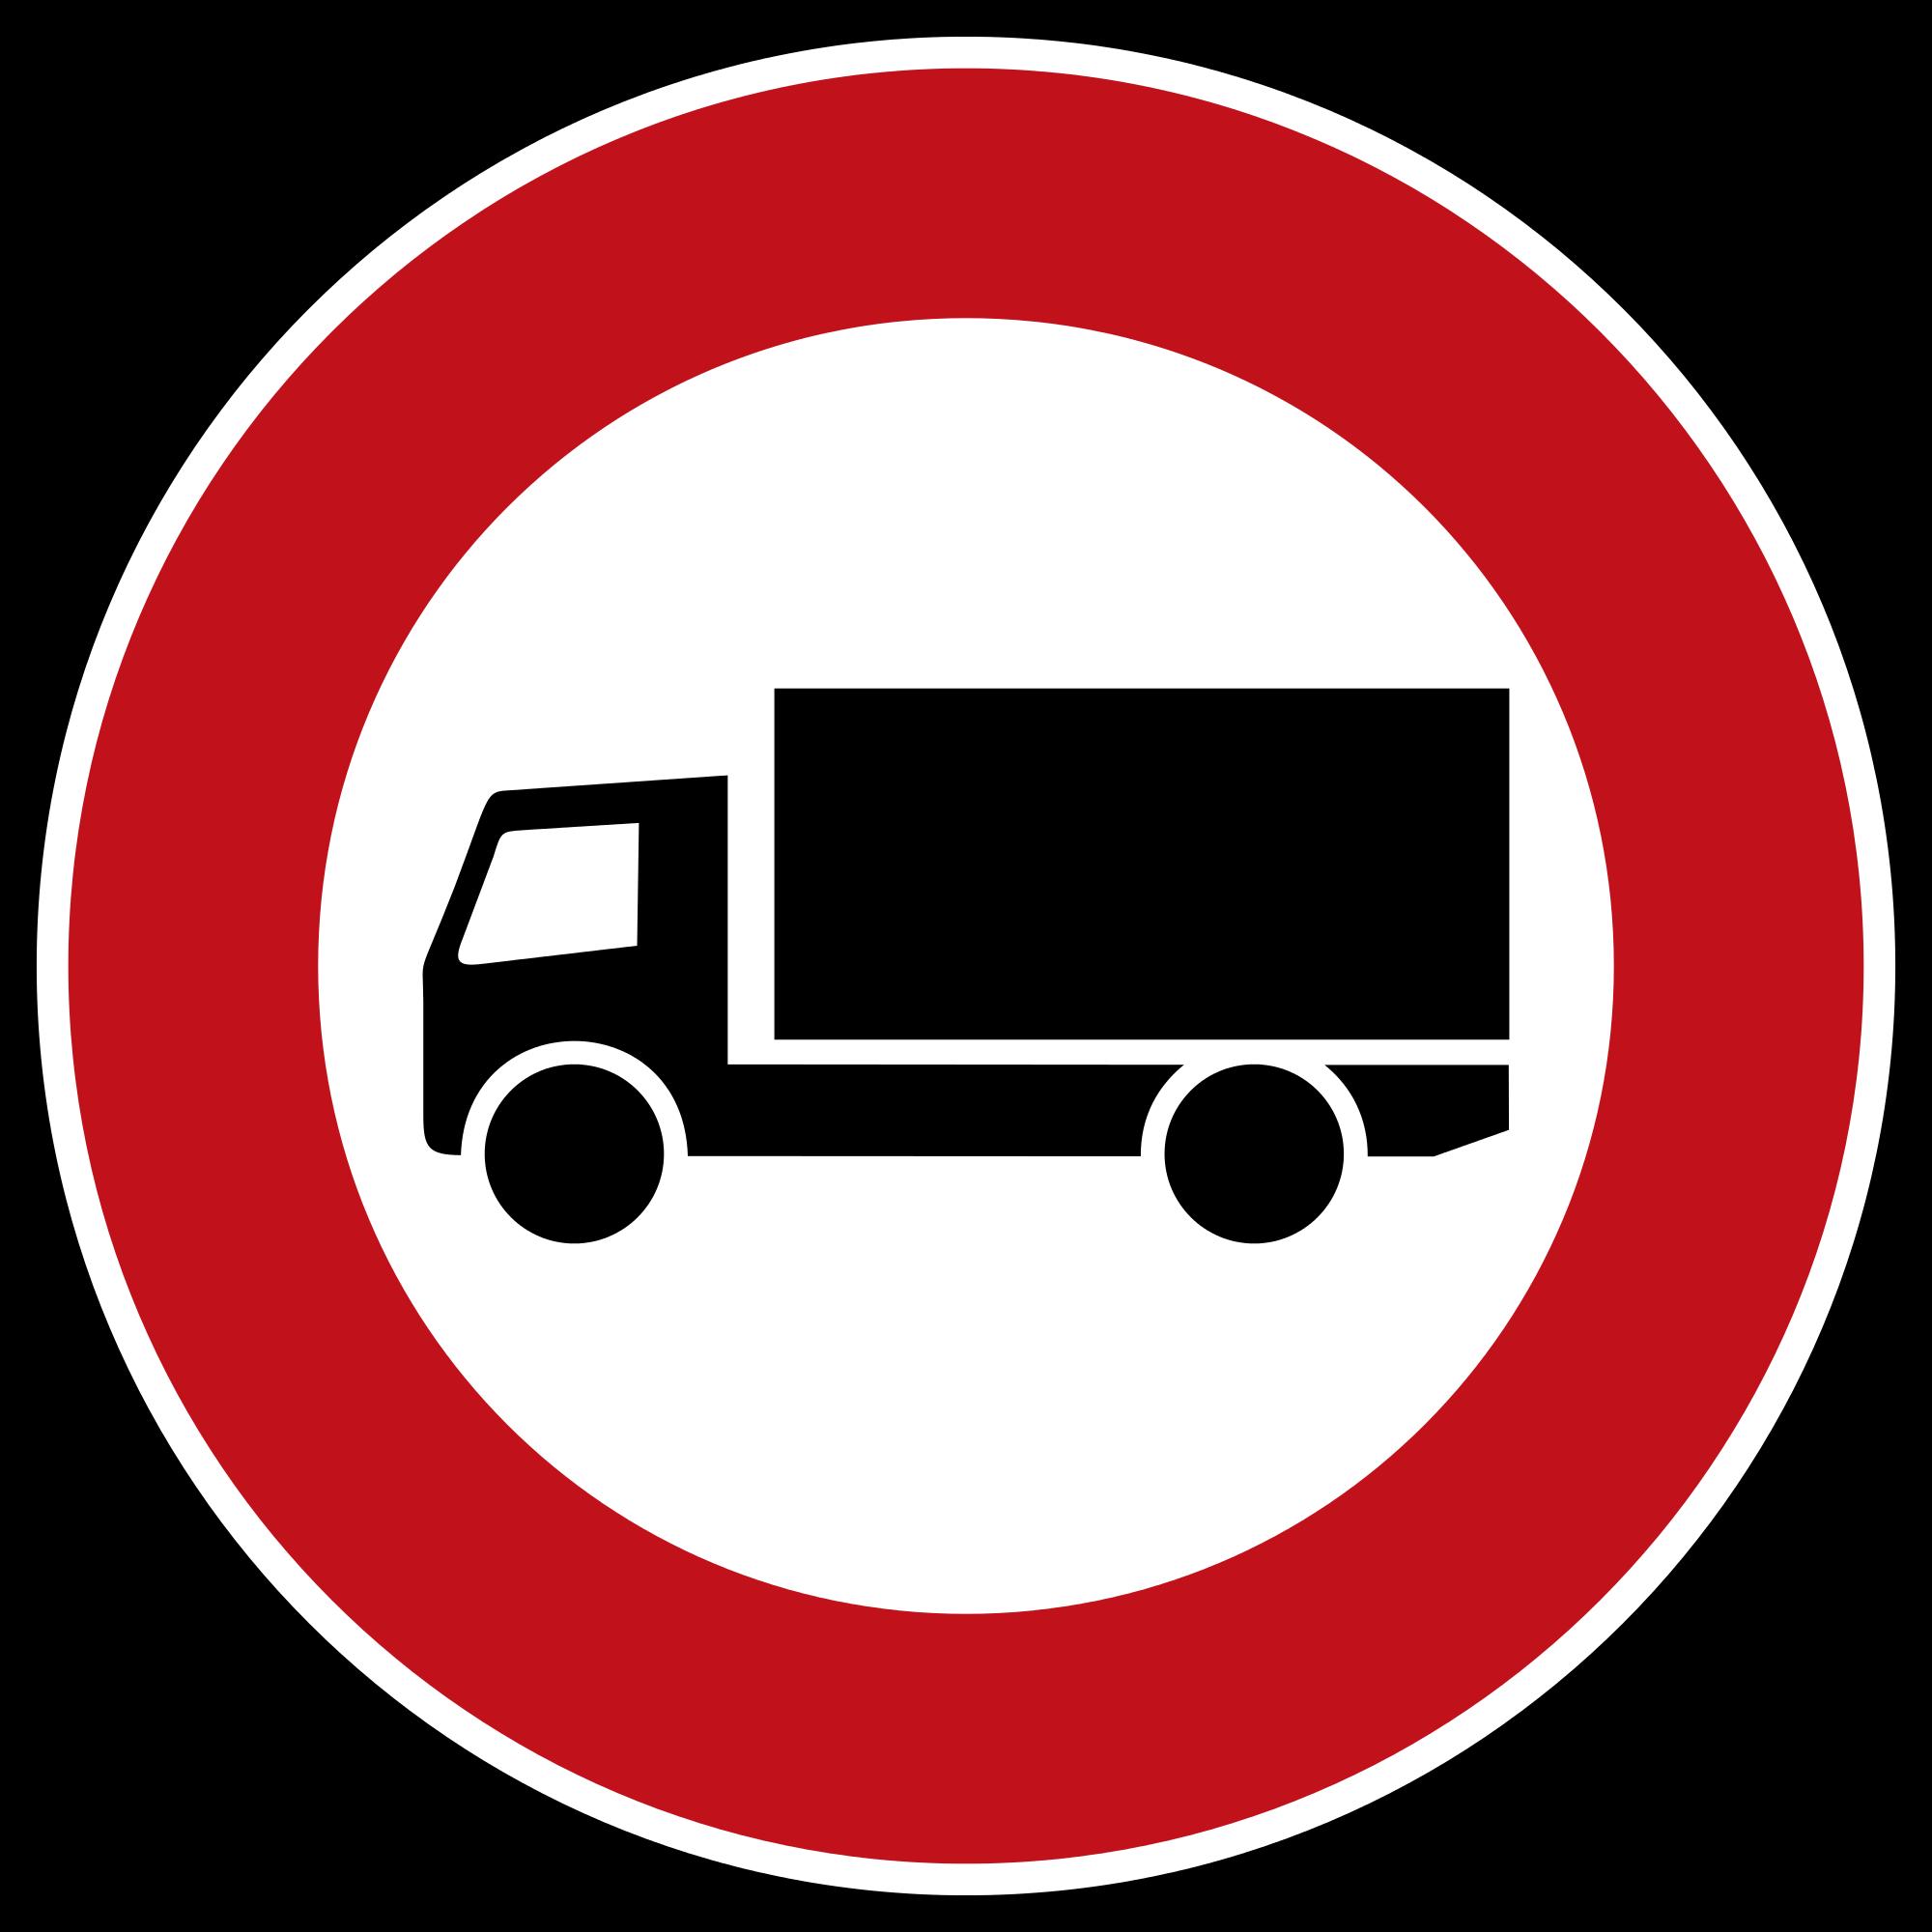 LKW-Fahrverbot zur Urlaubszeit